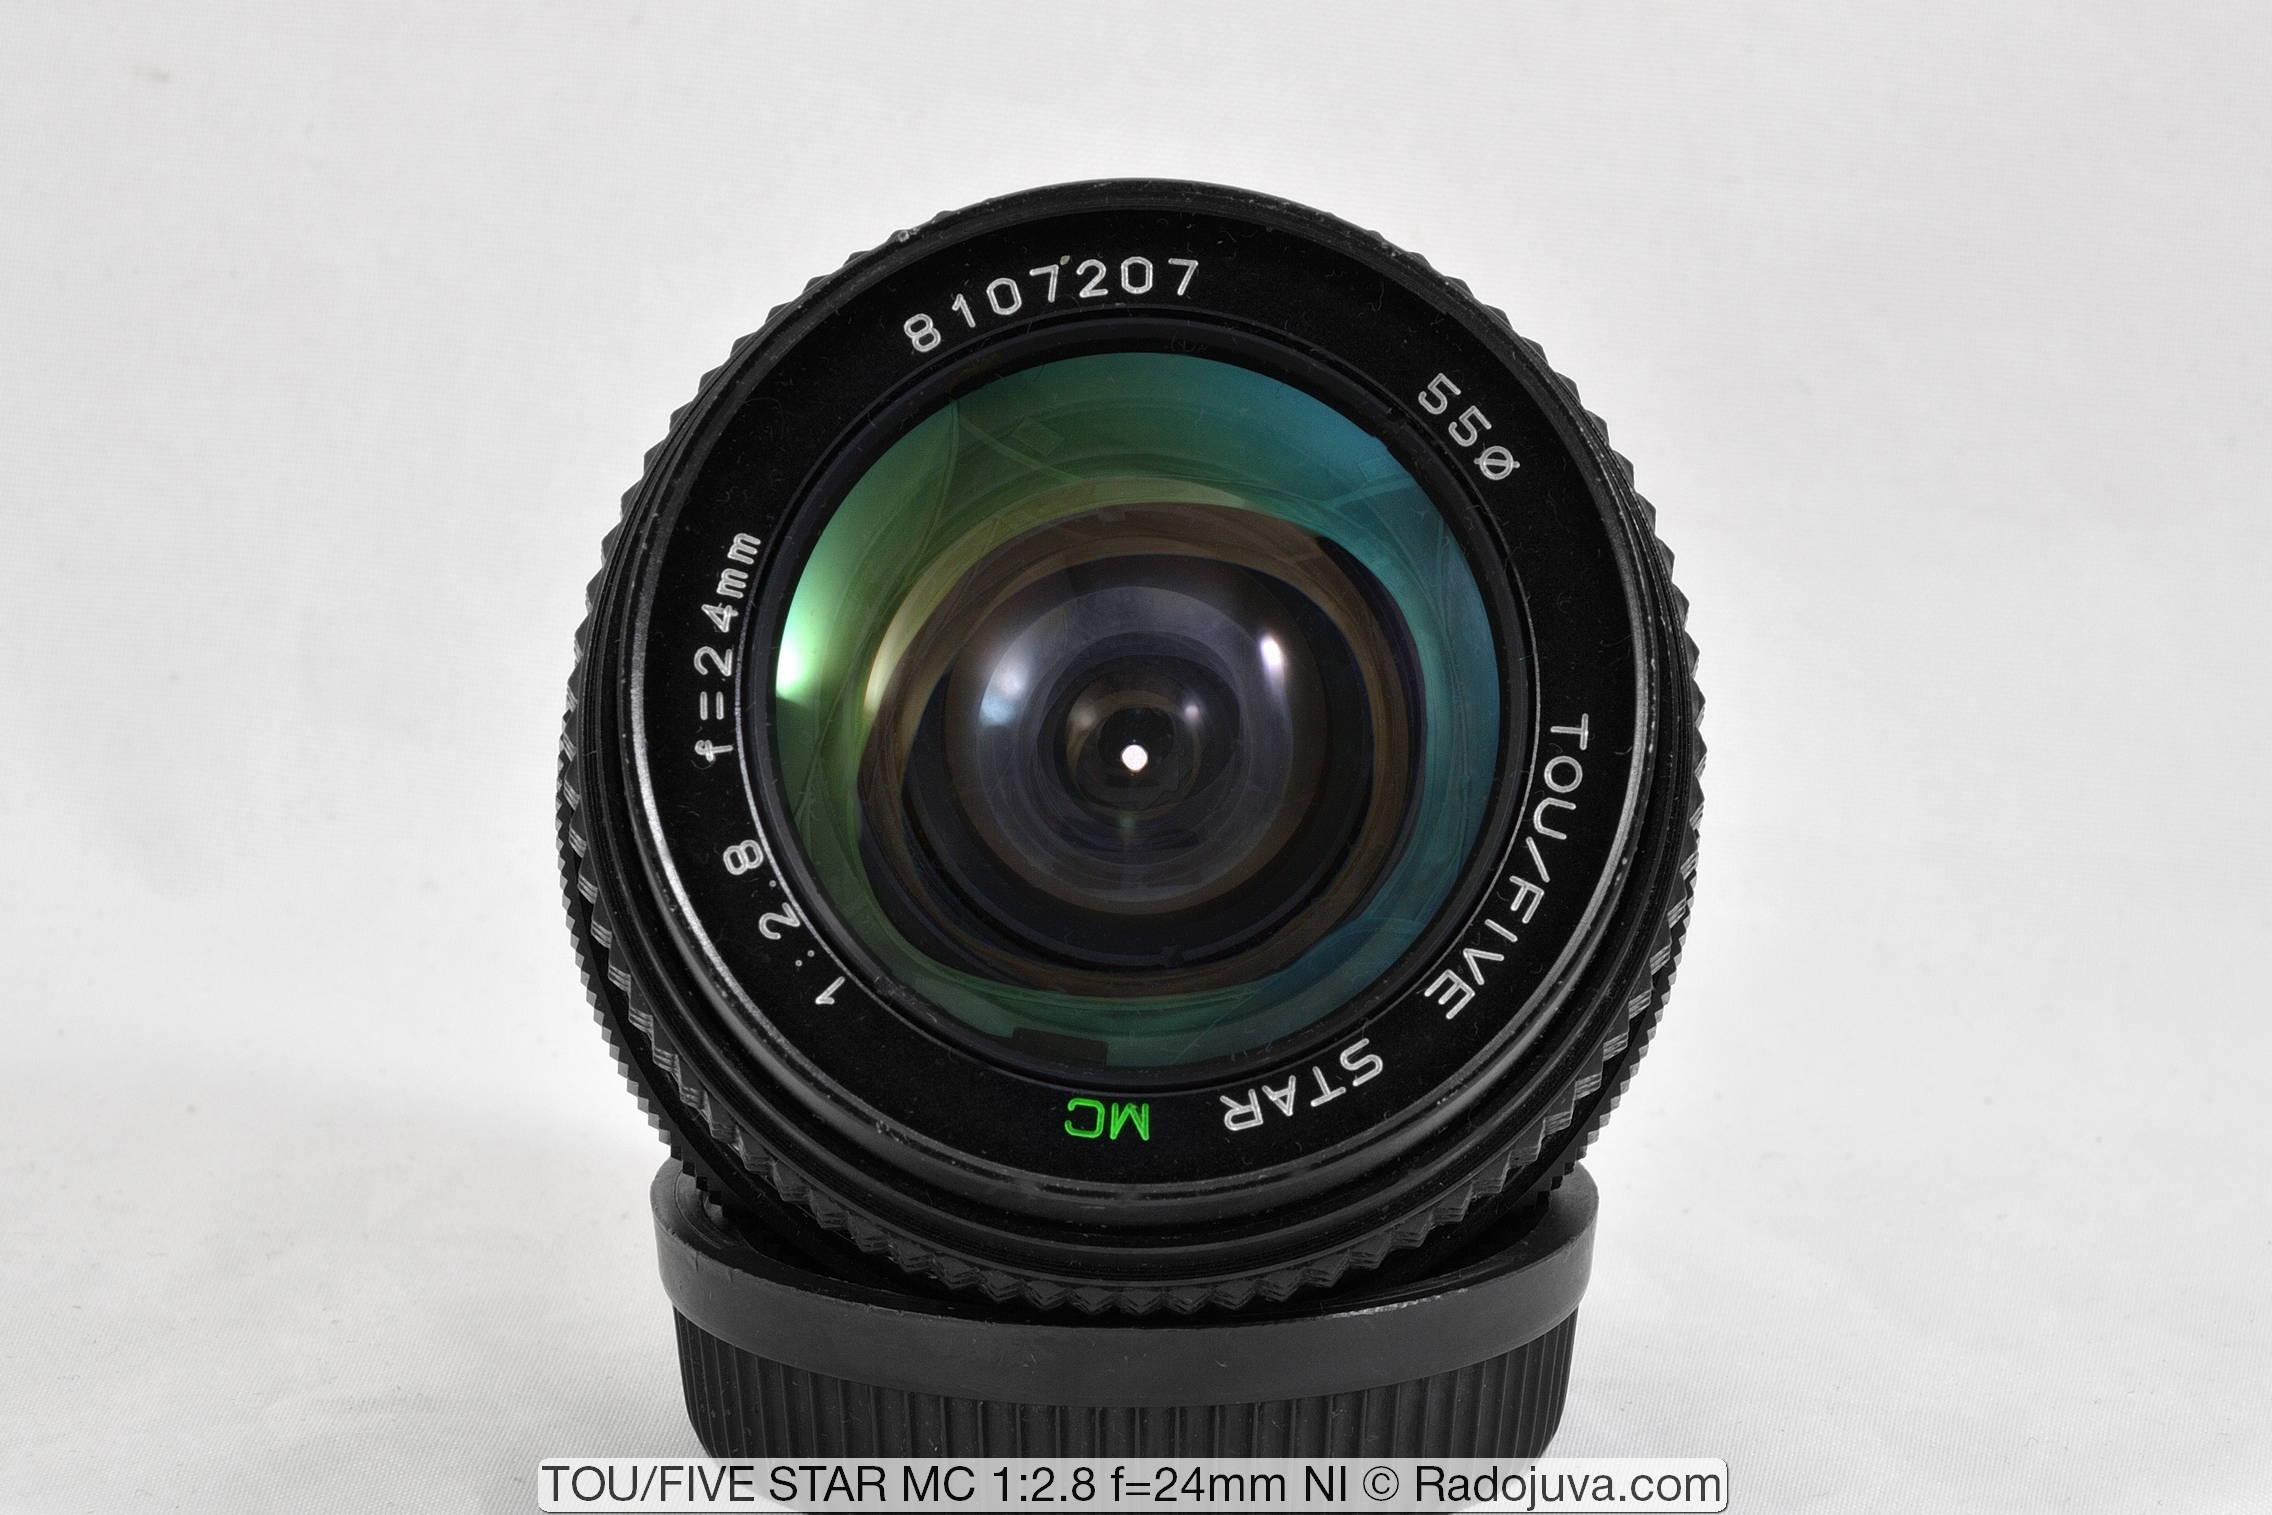 TOU/FIVE STAR MC 1:2.8 f=24mm